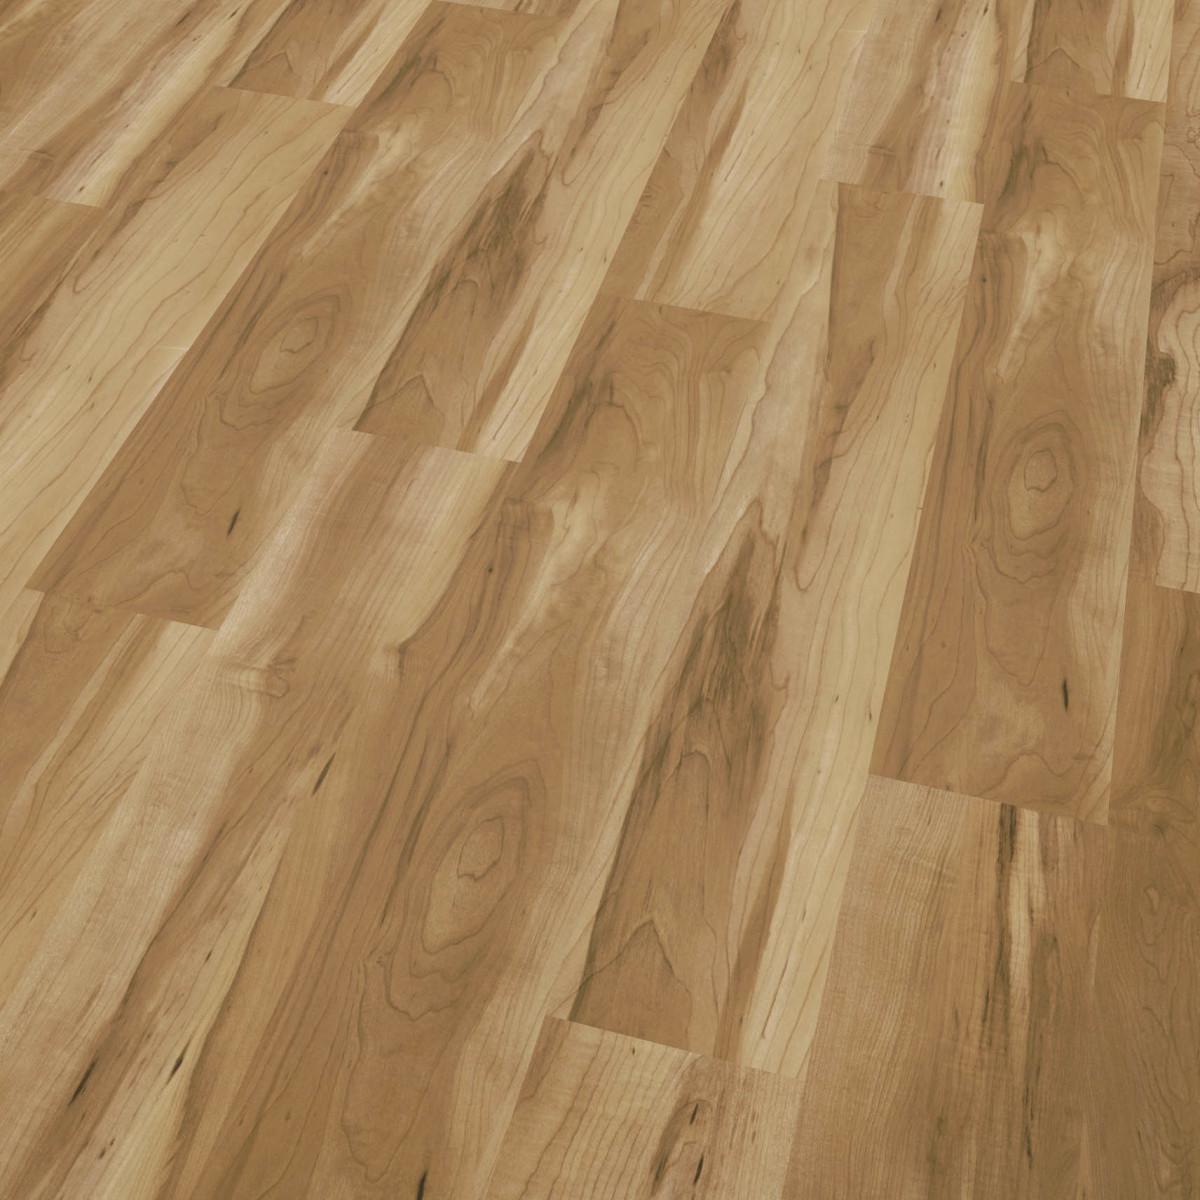 Rustic maple laminate flooring remodel bathroom remodel for Maple laminate flooring